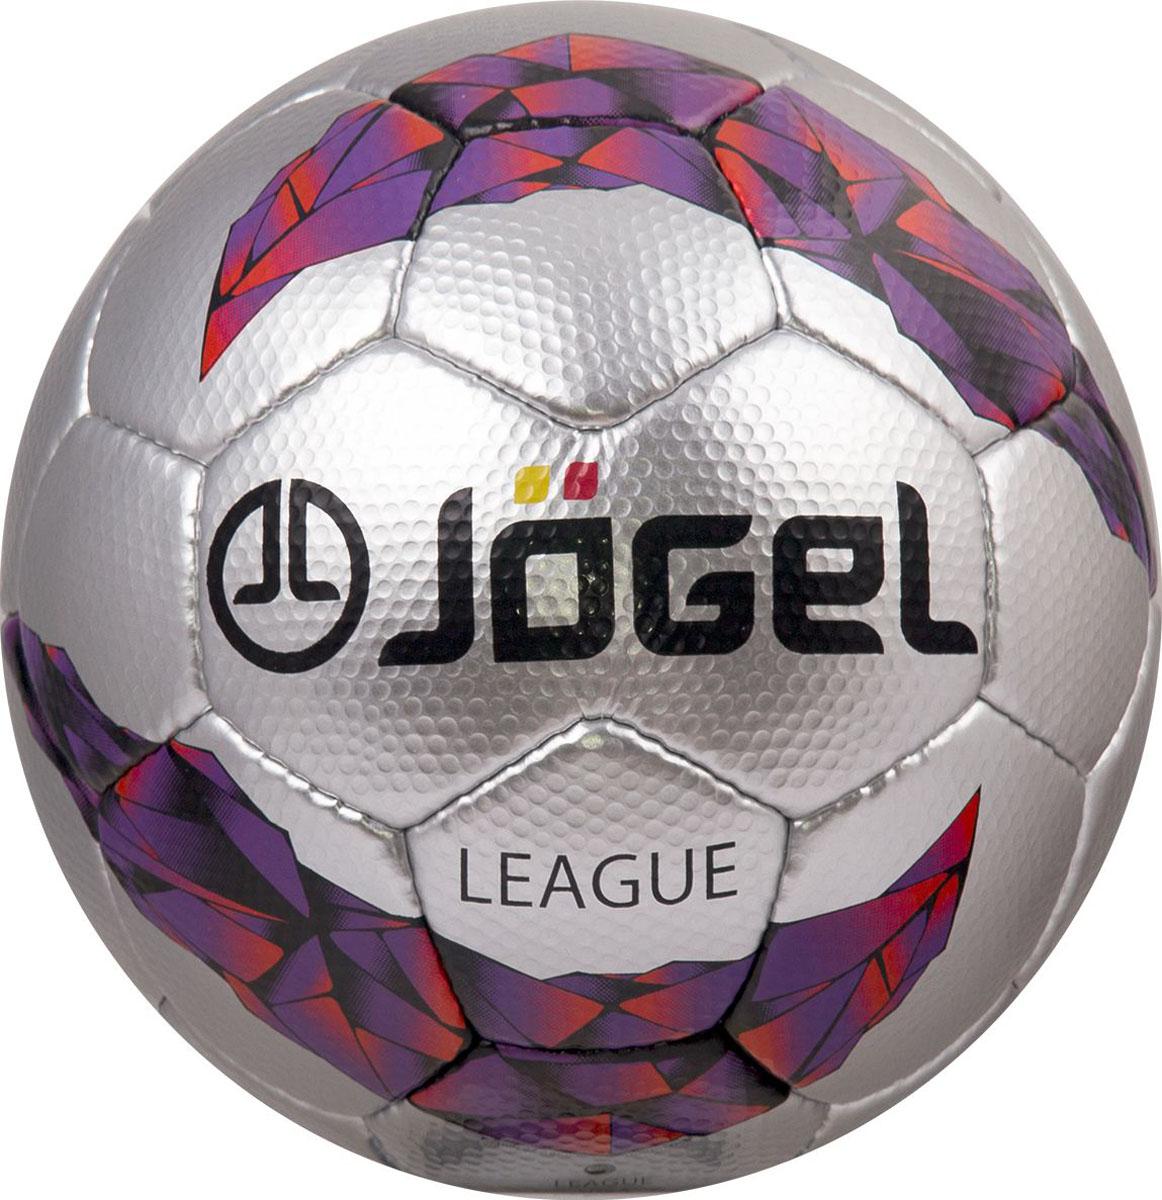 Мяч футбольный Jogel League, цвет: серый. Размер 5. JS-1300УТ-00009689Jogel JS-1300 League – превосходный мяч ручной сшивки матчевого уровня, соответствующий всем требованиям FIFA к мячам данного класса. Благодаря высококлассному японскому материалу покрышки мяча, обладающему специальными углублениями, происходит более плотный контакт и акцентированное сцепление мяча с обувью игрока, что позволяет улучшать контроль мяча во время игры. Данный мяч рекомендован для игр клубов среднего уровня, а также проведения тренировок и игр профессиональных команд. Поверхность мяча выполнена из текстурной синтетической кожи (полиуретан) японского производства на основе микрофибры толщиной 1,8 мм. Мяч имеет 4 подкладочных слоя на нетканой основе (смесь хлопка с полиэстером) и оснащен латексной камерой с бутиловым ниппелем, обеспечивающим долгое сохранение воздуха в камере.Уникальной особенностью, характерной для бренда Jogel, является традиционная конструкция мячей из 30 панелей.